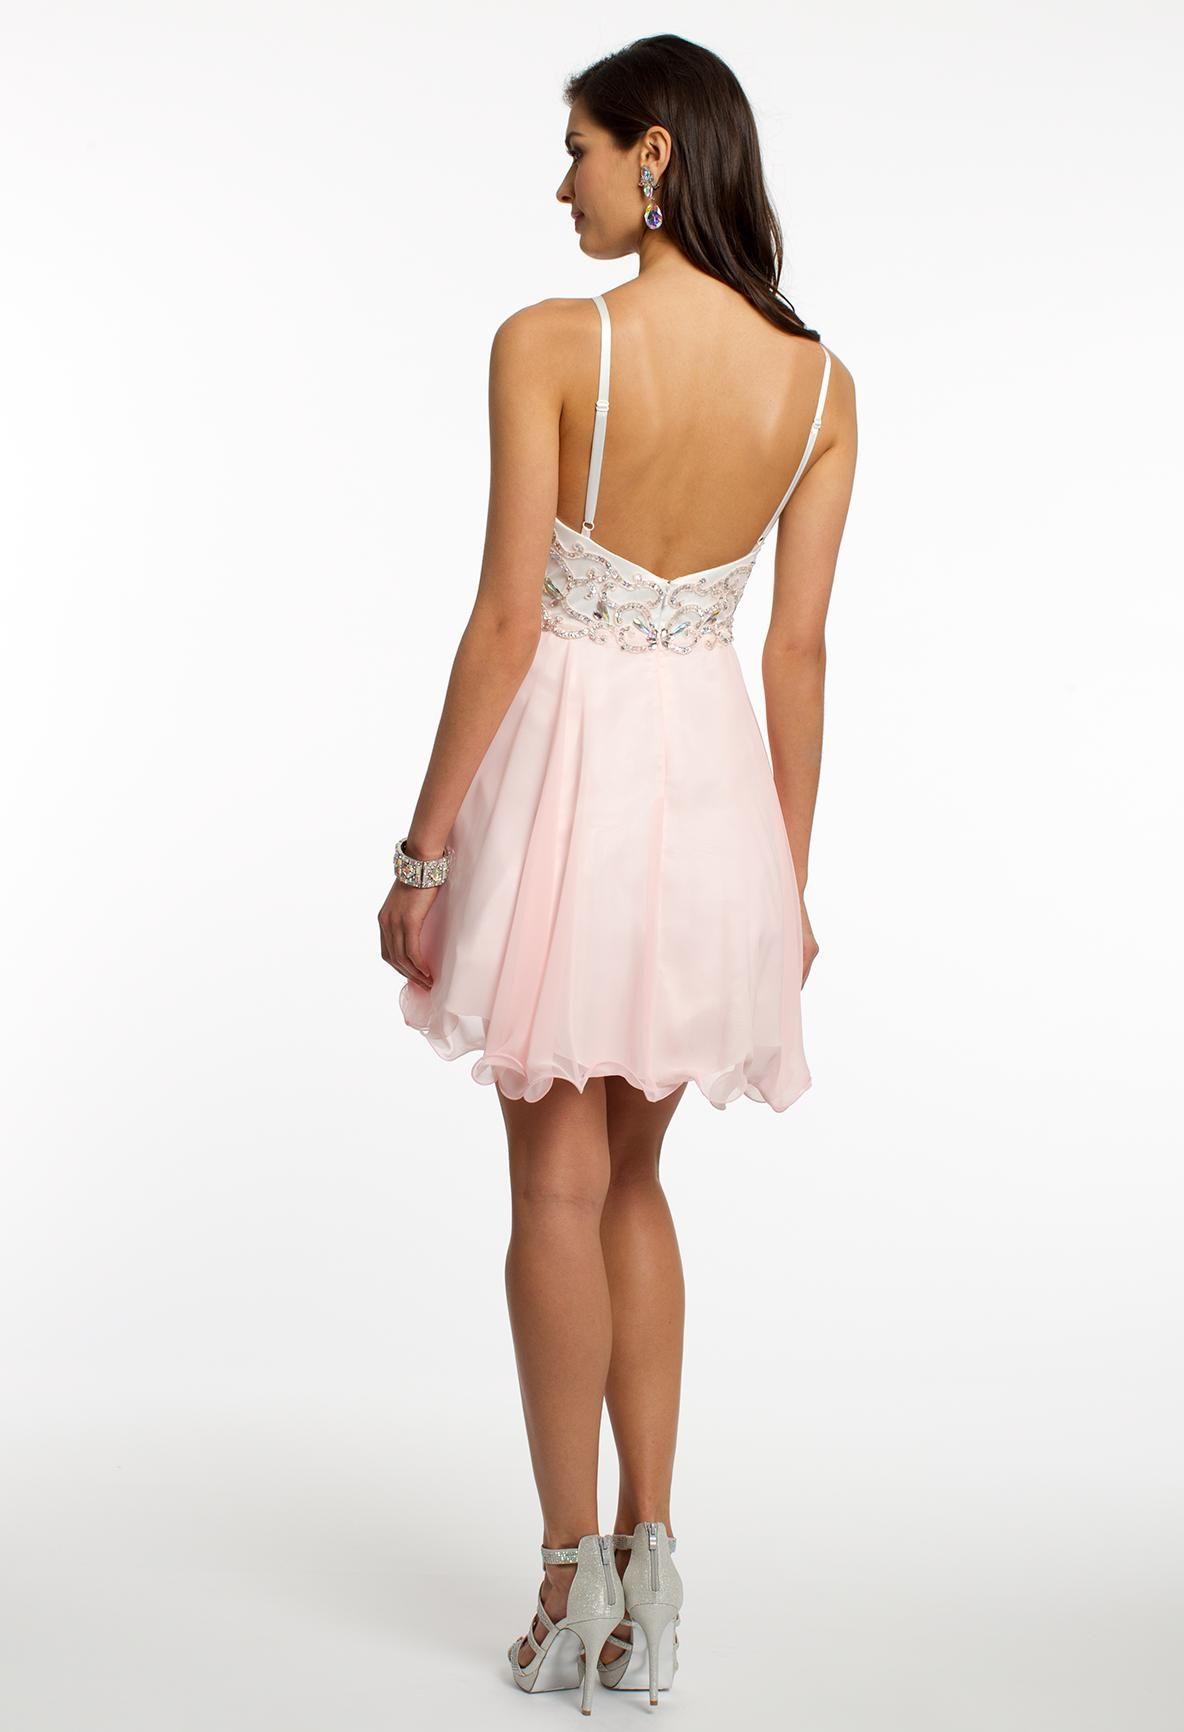 Beaded chiffon dress shorts chiffon dresses and chiffon